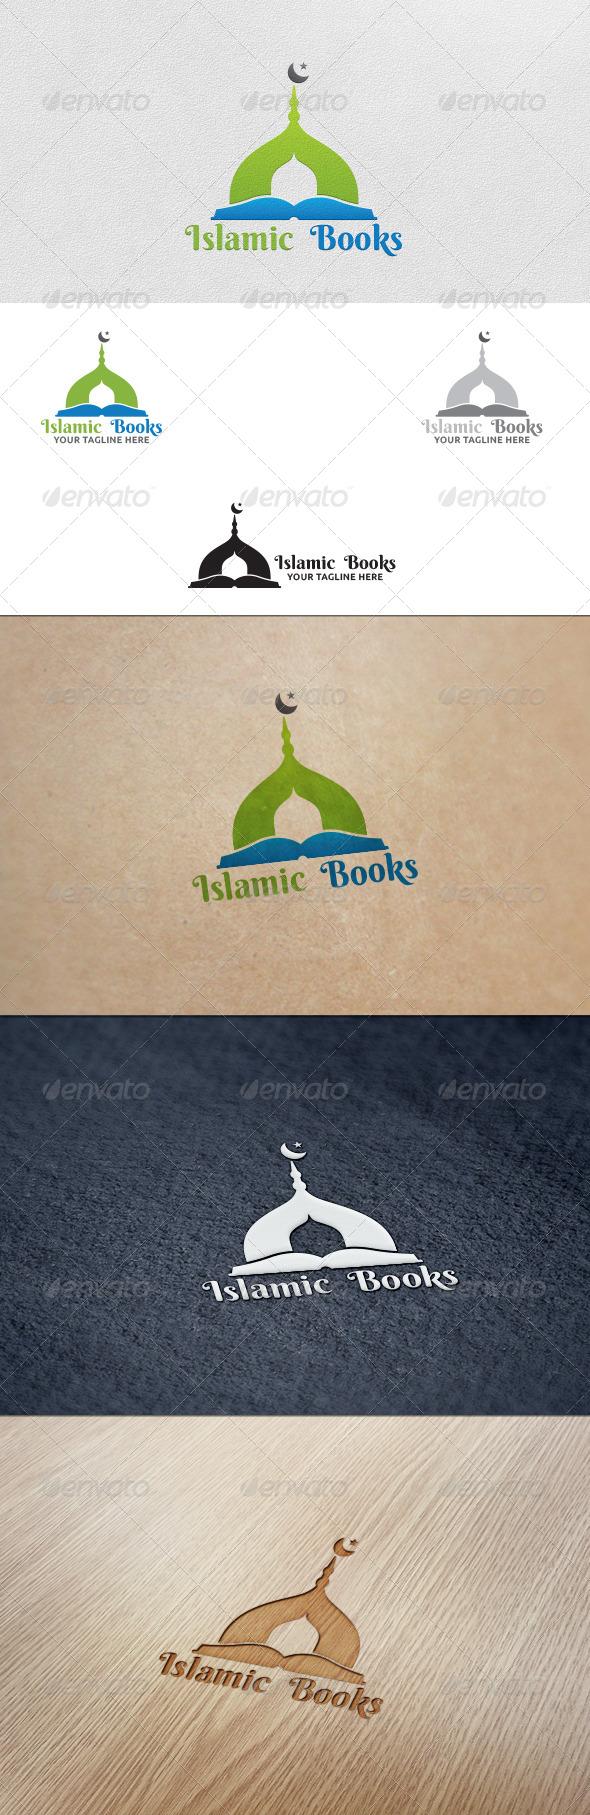 GraphicRiver Islamic Books Logo Template 5658547